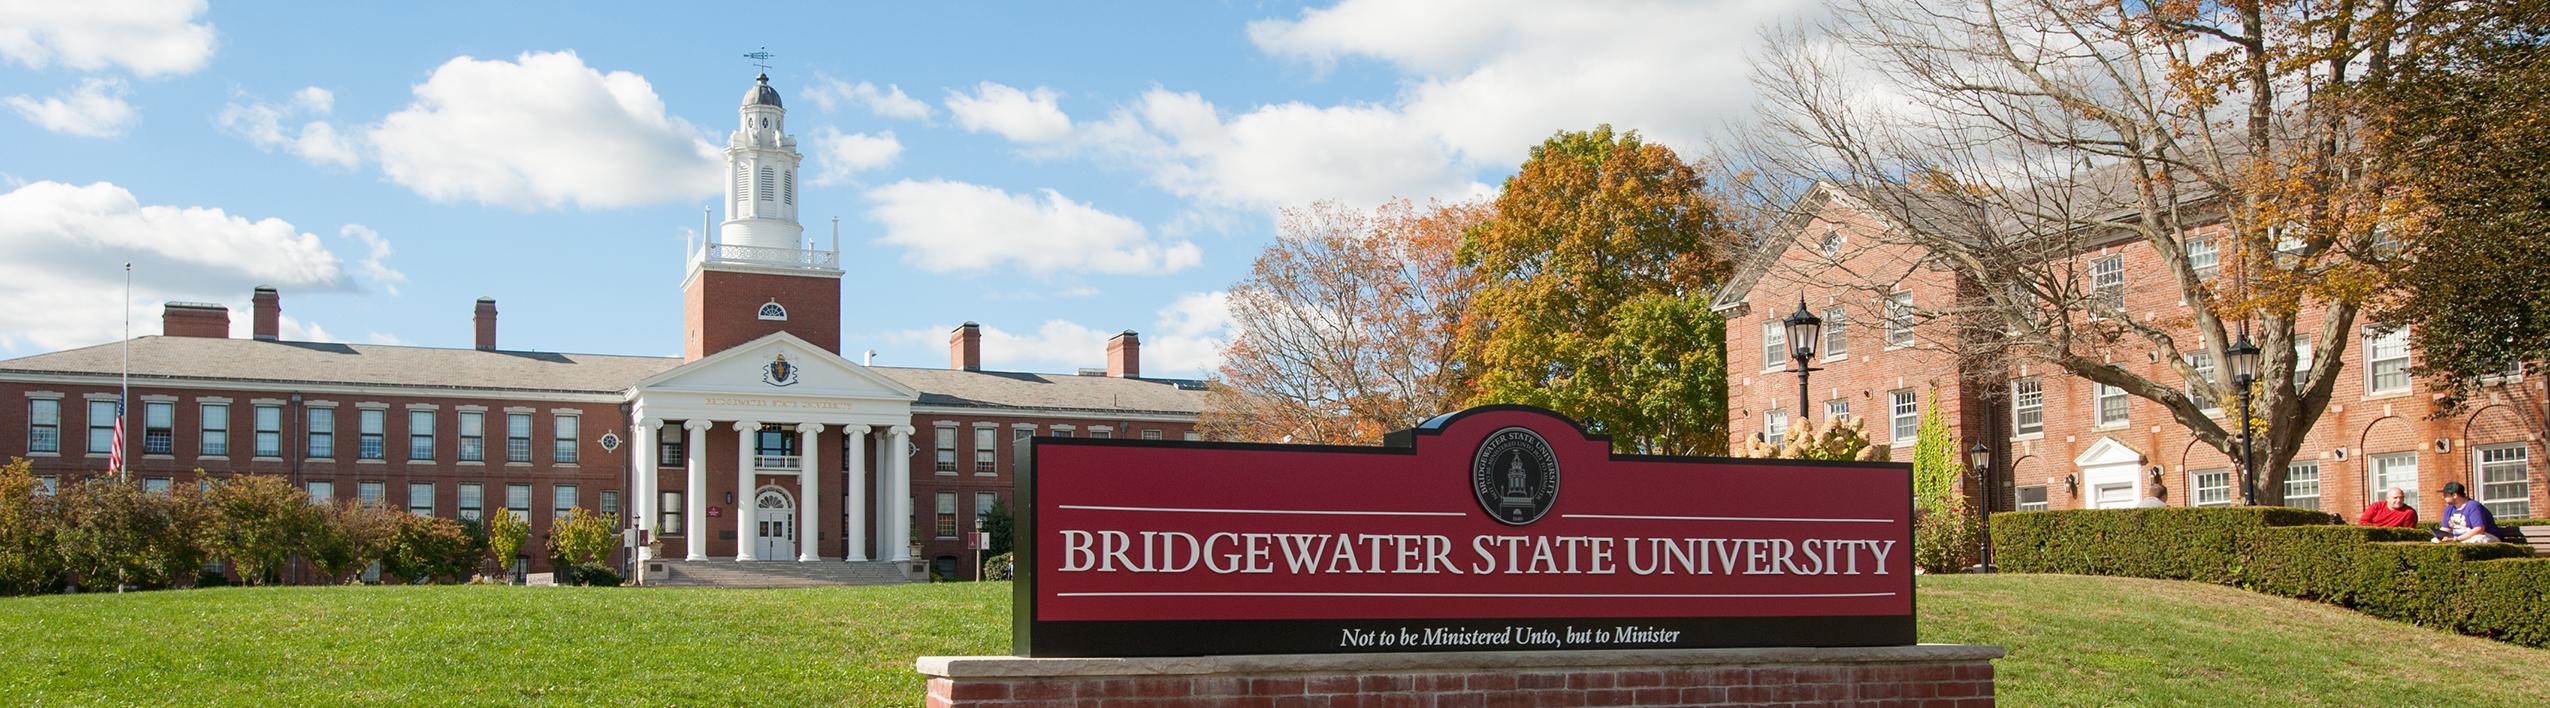 Speech-Language Pathology, MS | Bridgewater State University